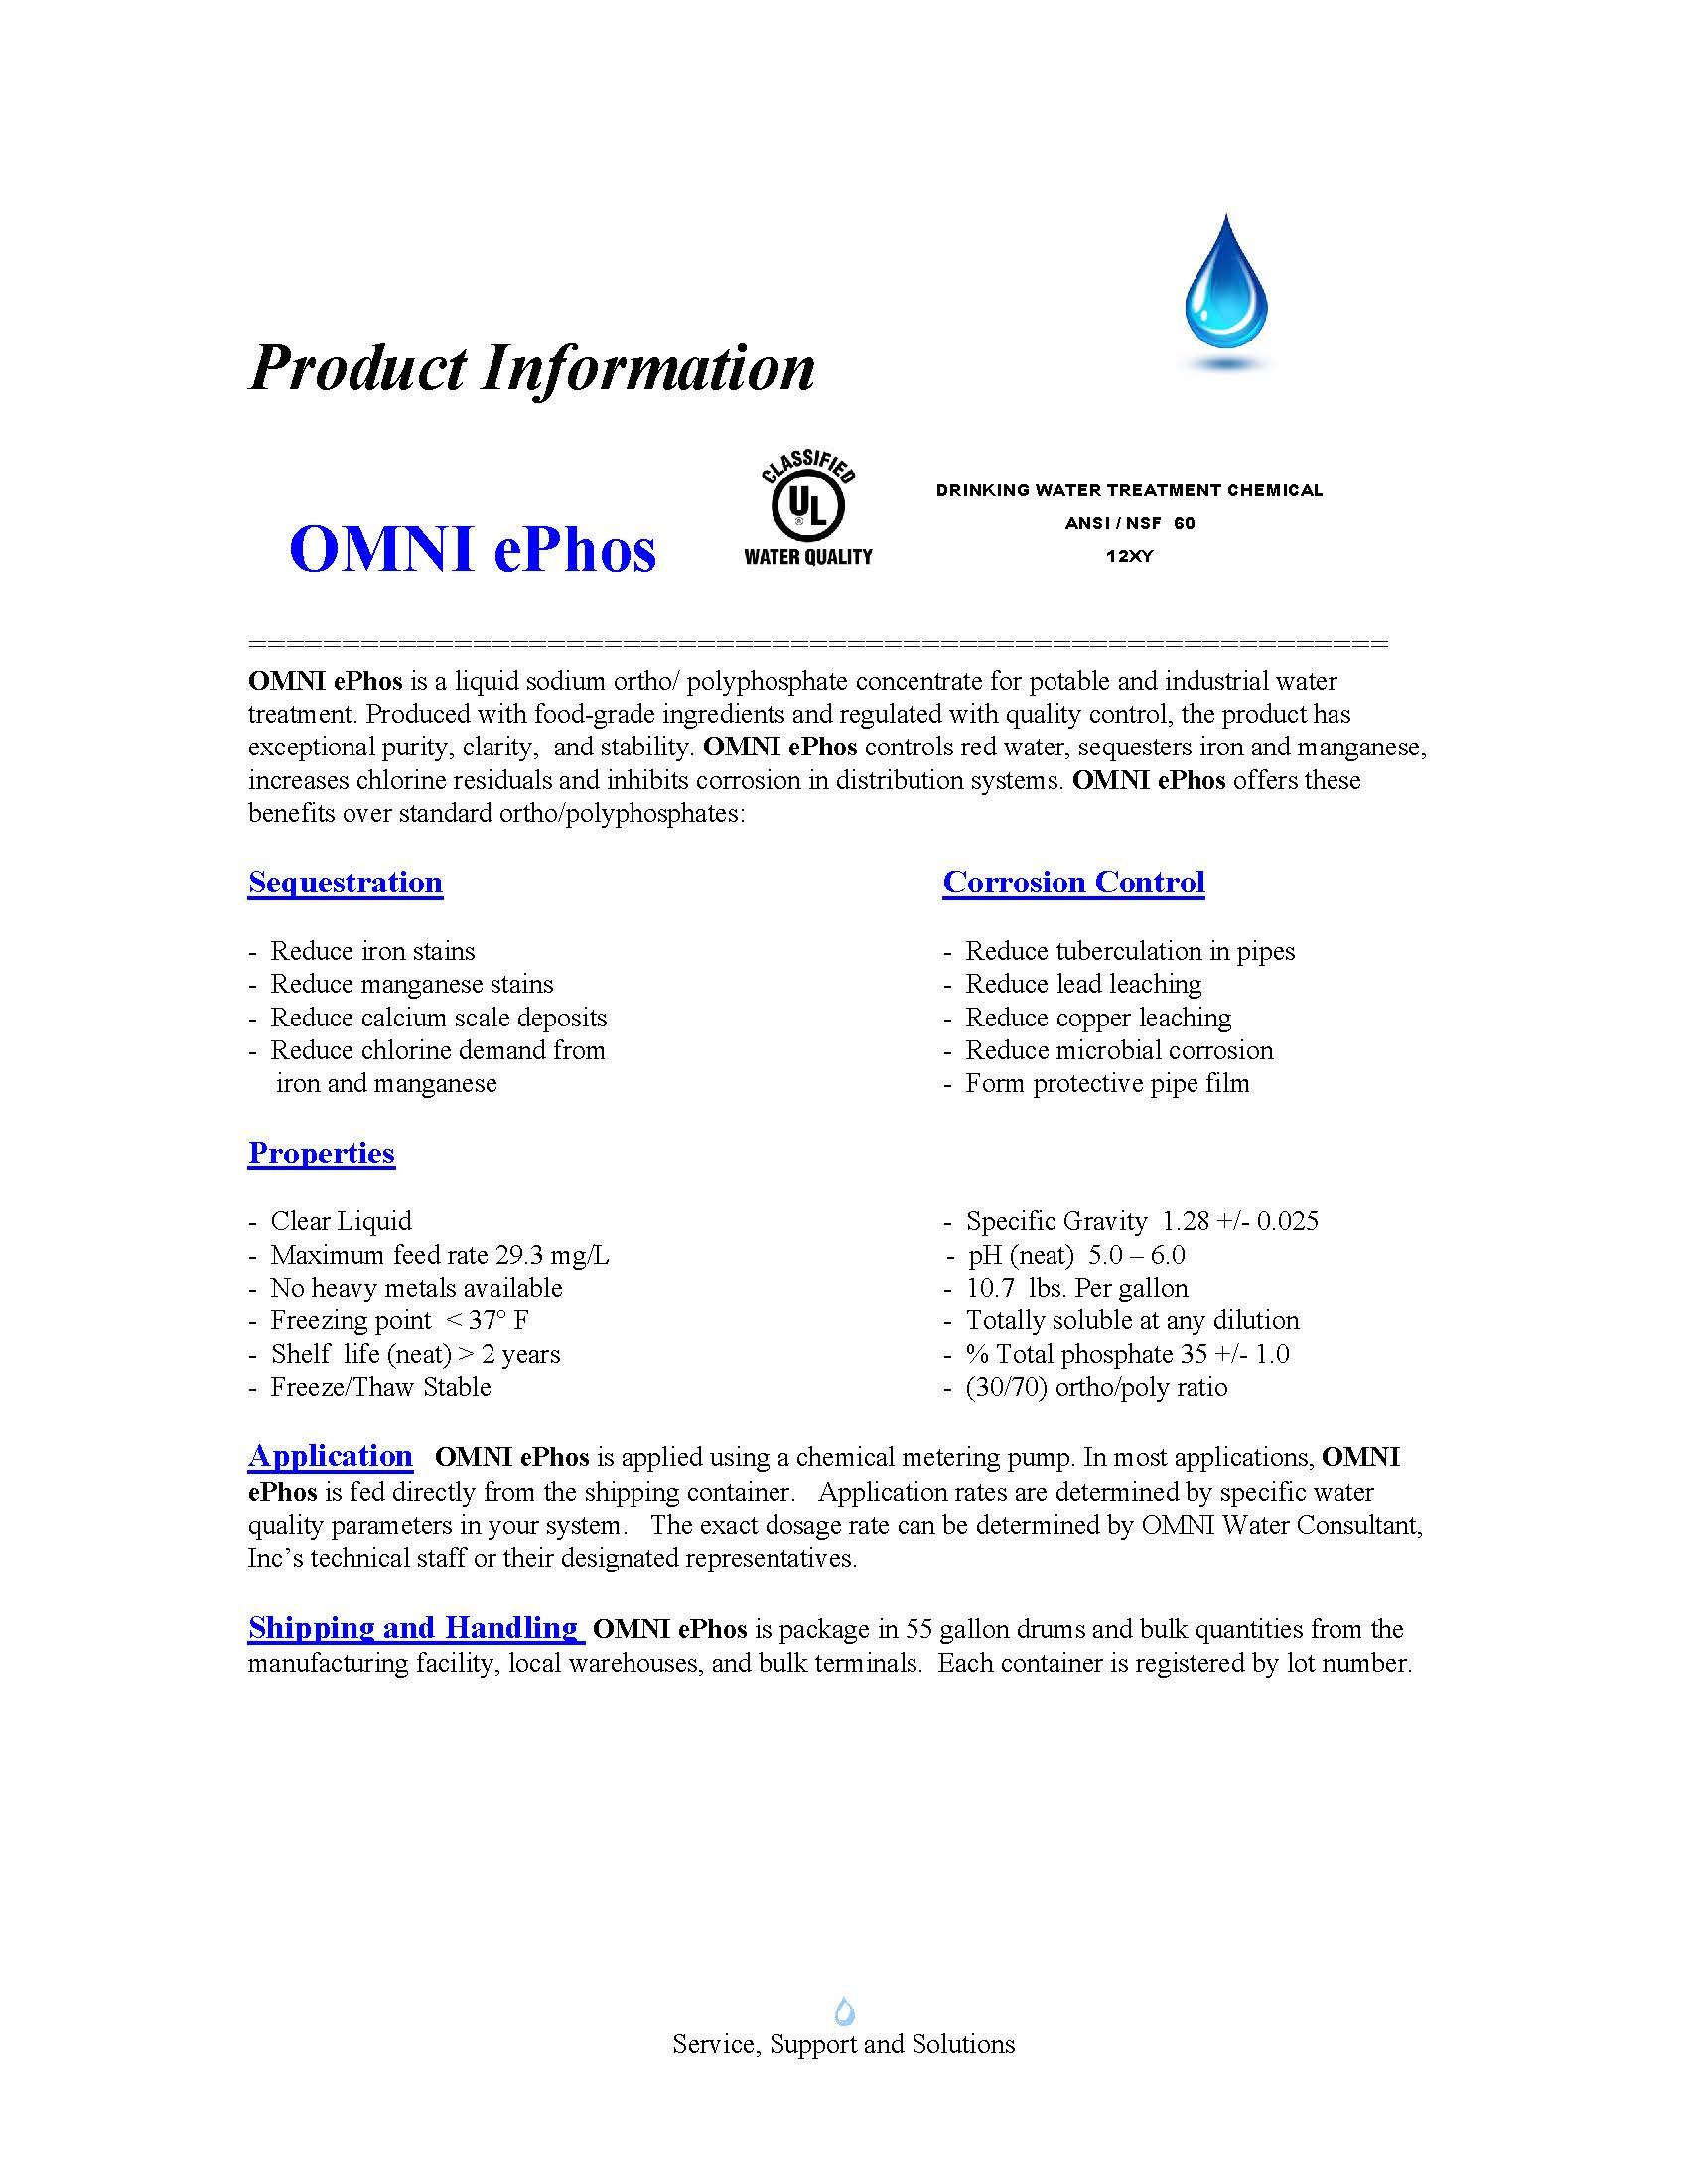 OMNI ePhos Product Sheet